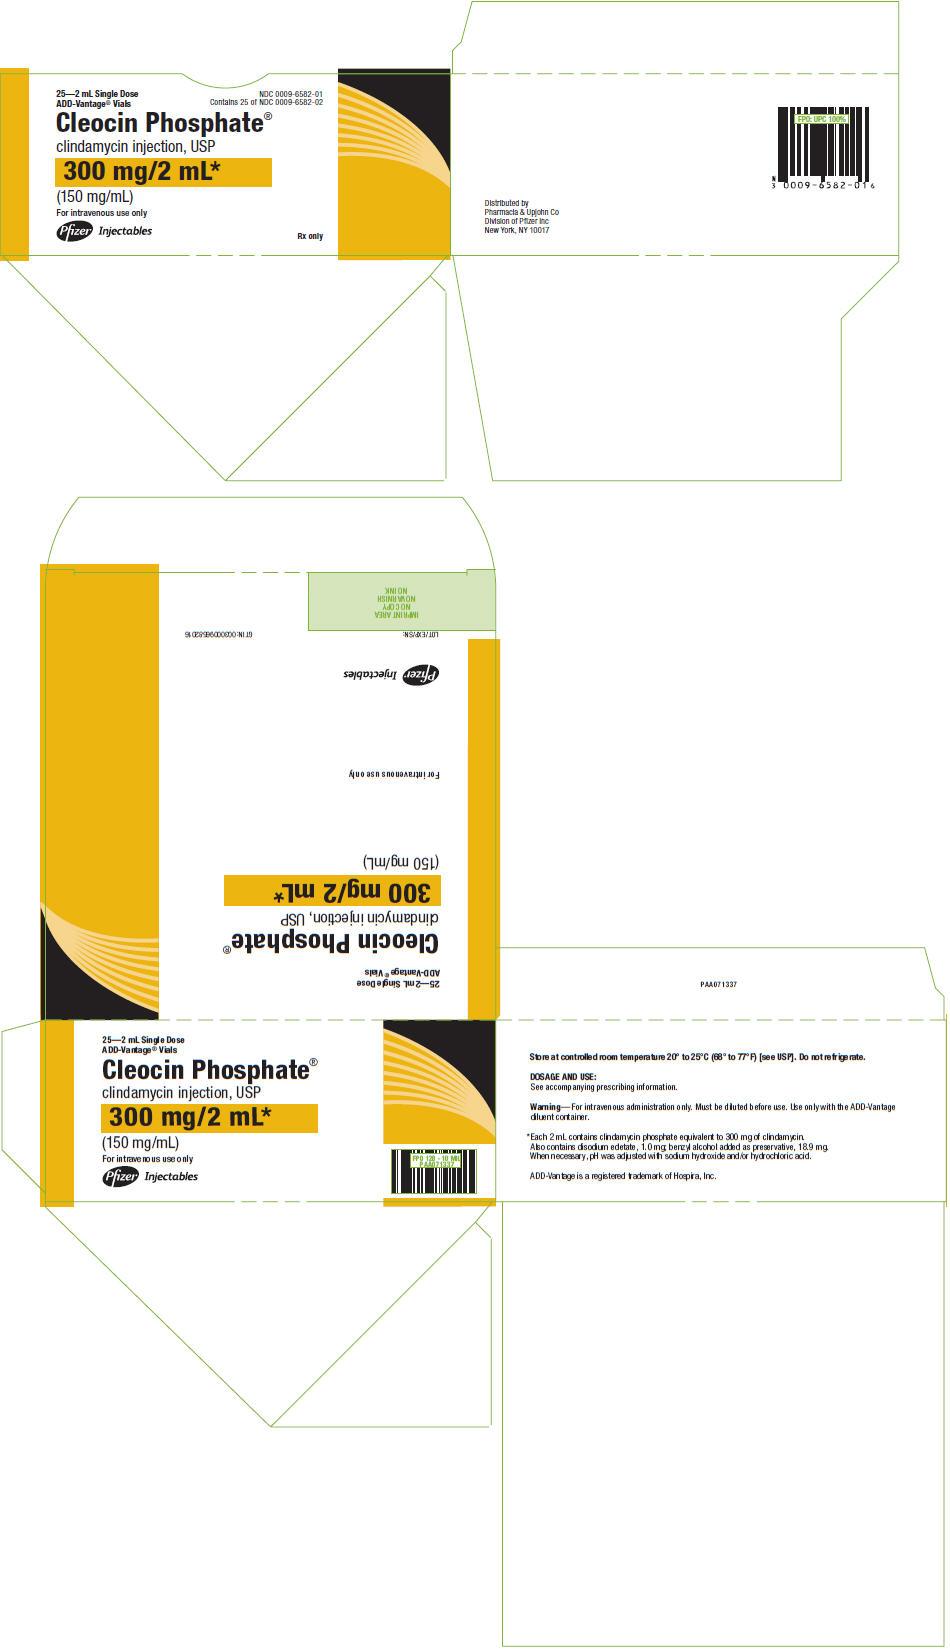 PRINCIPAL DISPLAY PANEL - 300 mg/2 mL ADD-Vantage Vial Carton